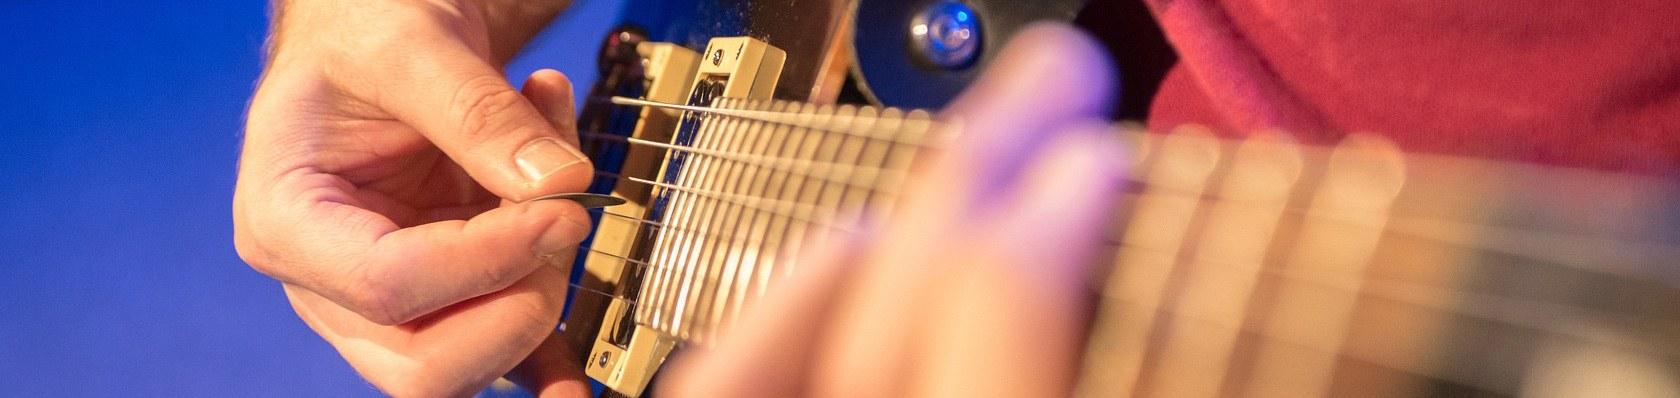 E-Gitarren im Test auf ExpertenTesten.de